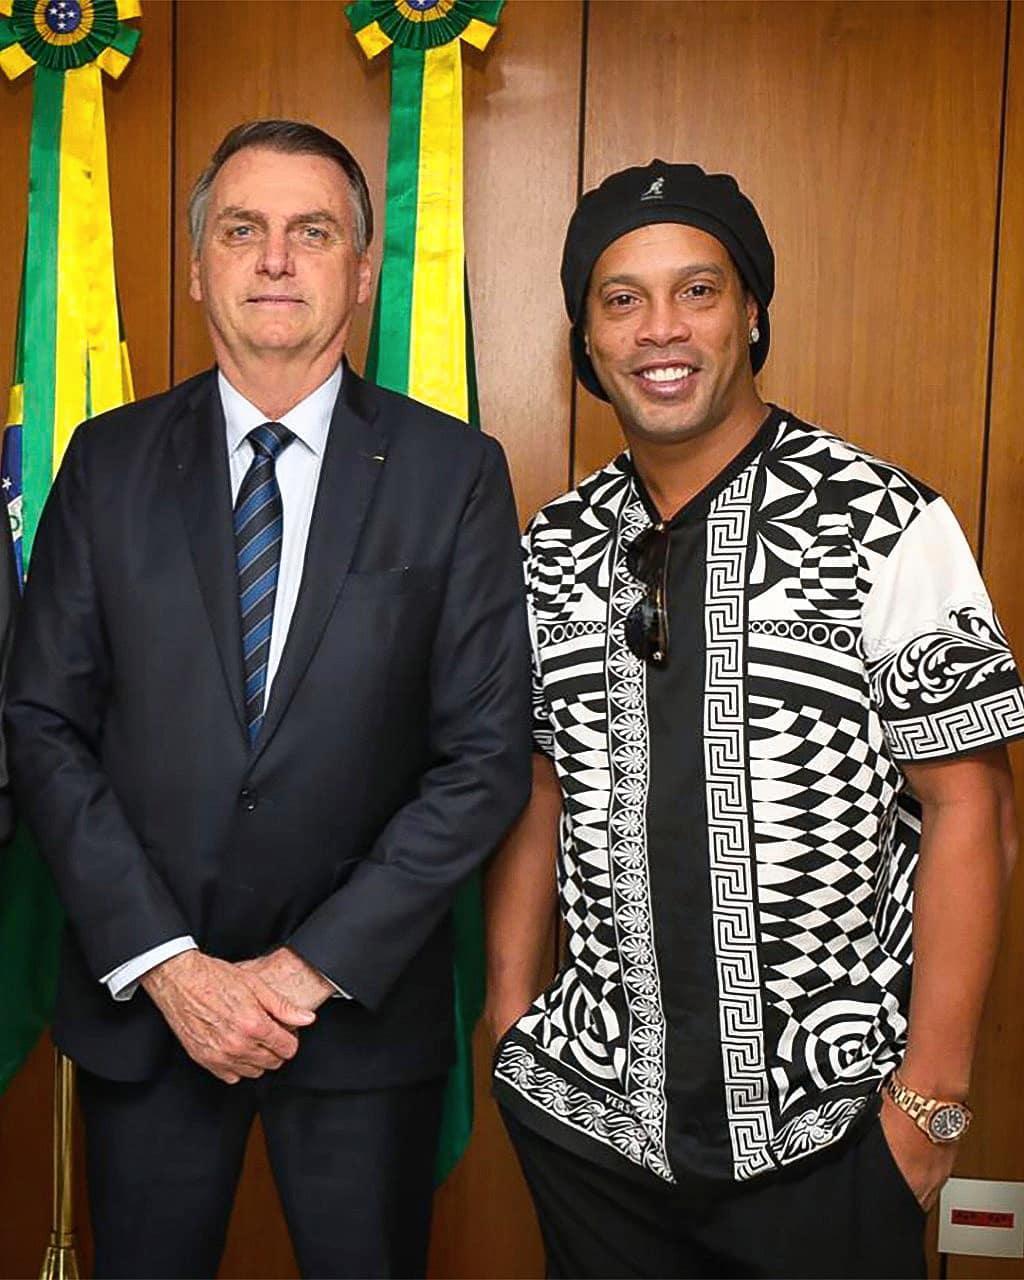 رونالدینیو در کنار رئیس جمهور برزیل